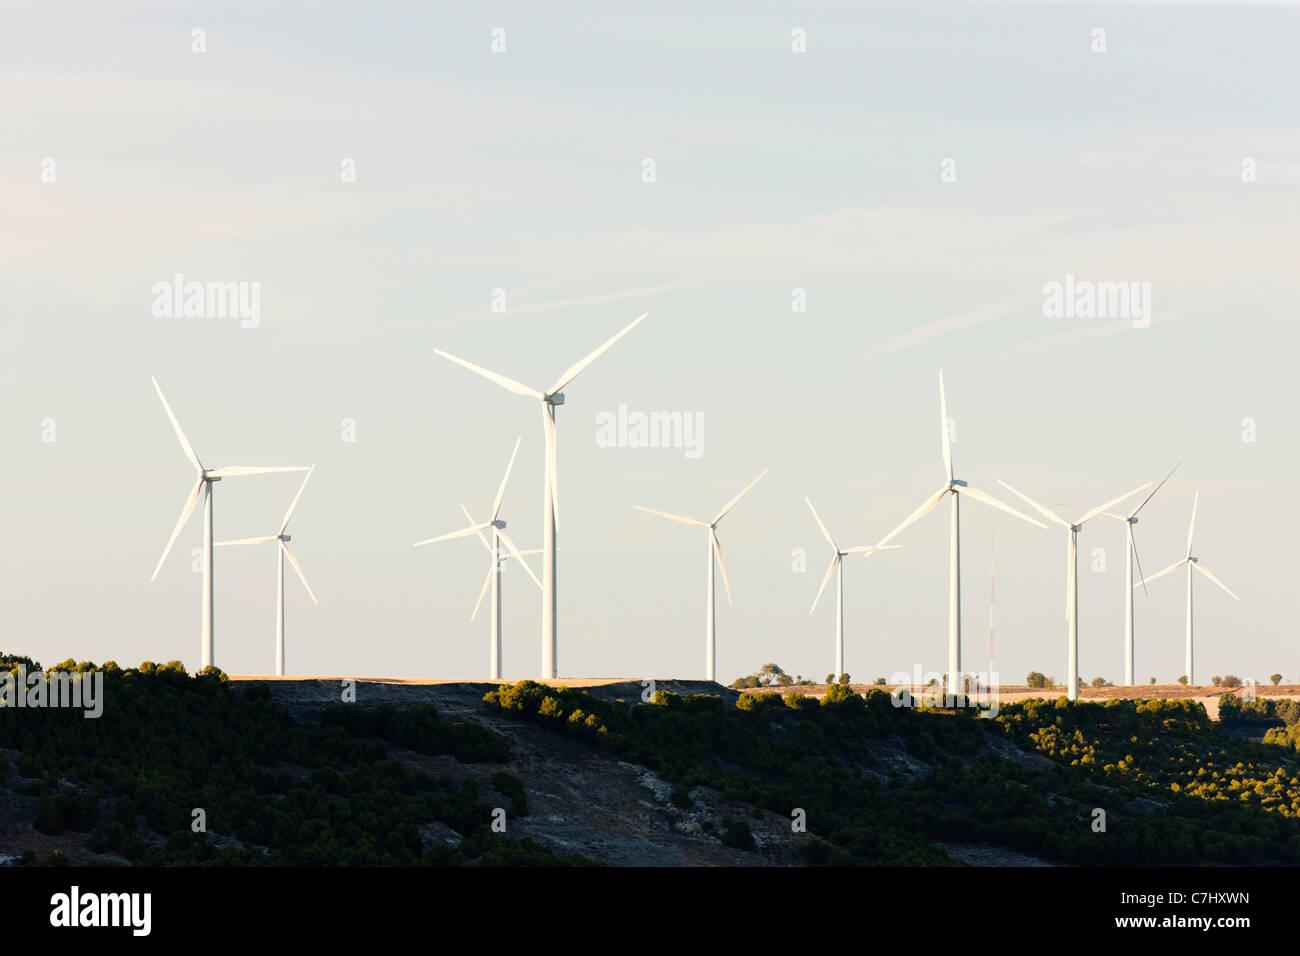 wind turbines, Castile and Leon, Spain - Stock Image